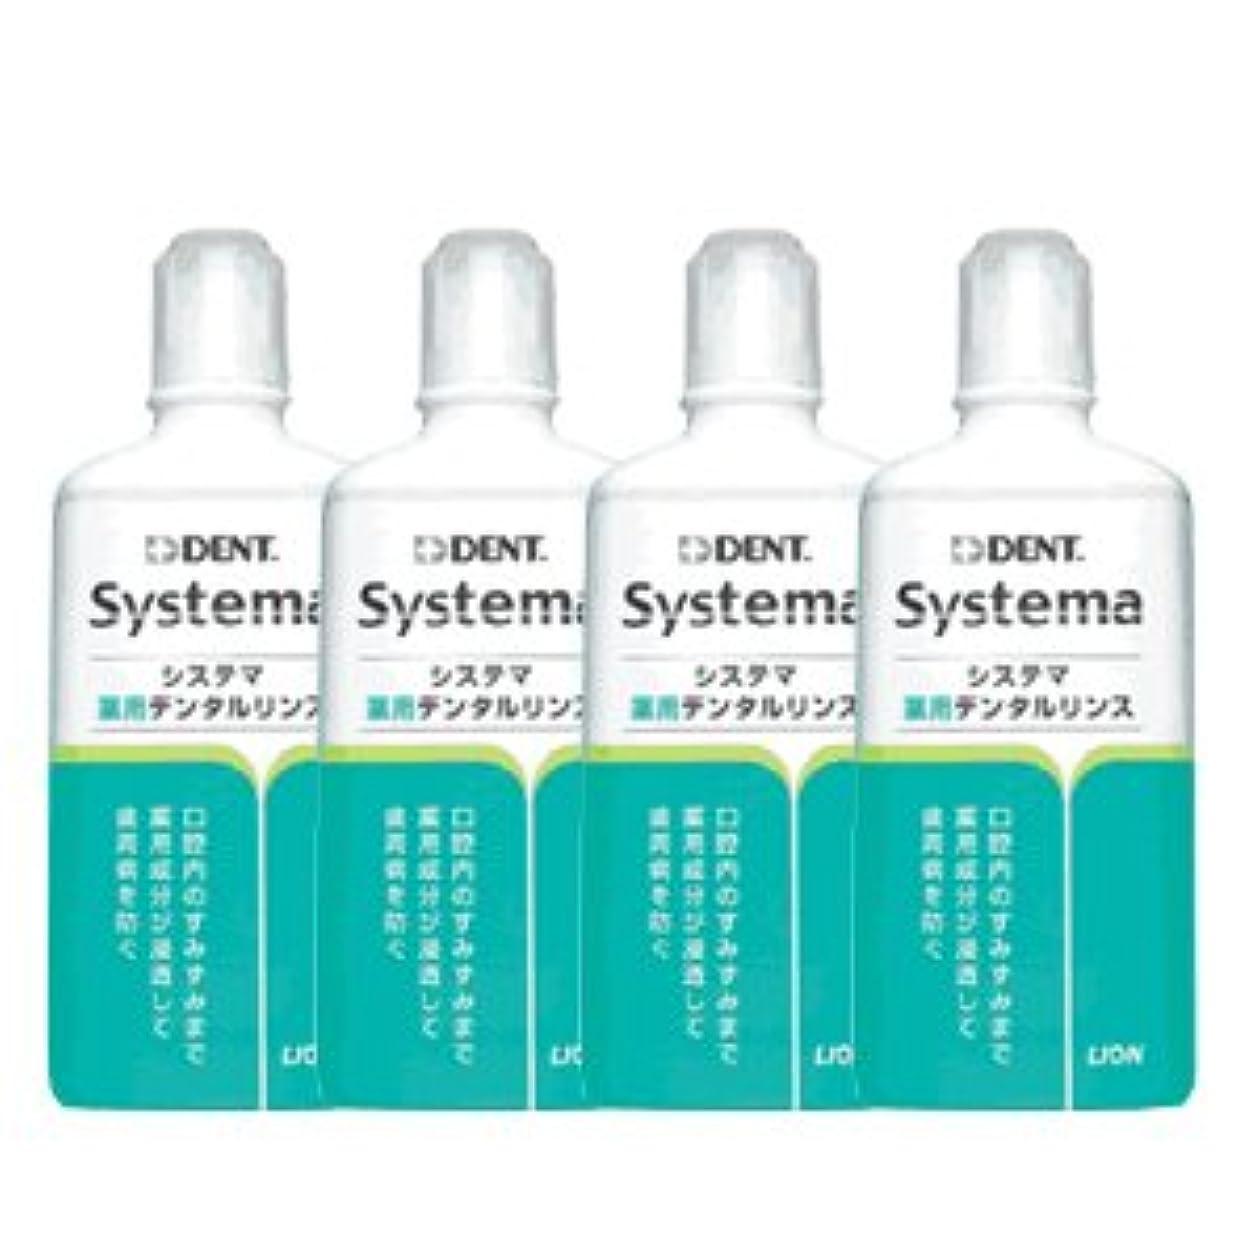 小売ブラインド上回るライオン システマ 薬用 デンタルリンス 450ml レギュラータイプ 4本セット 医薬部外品